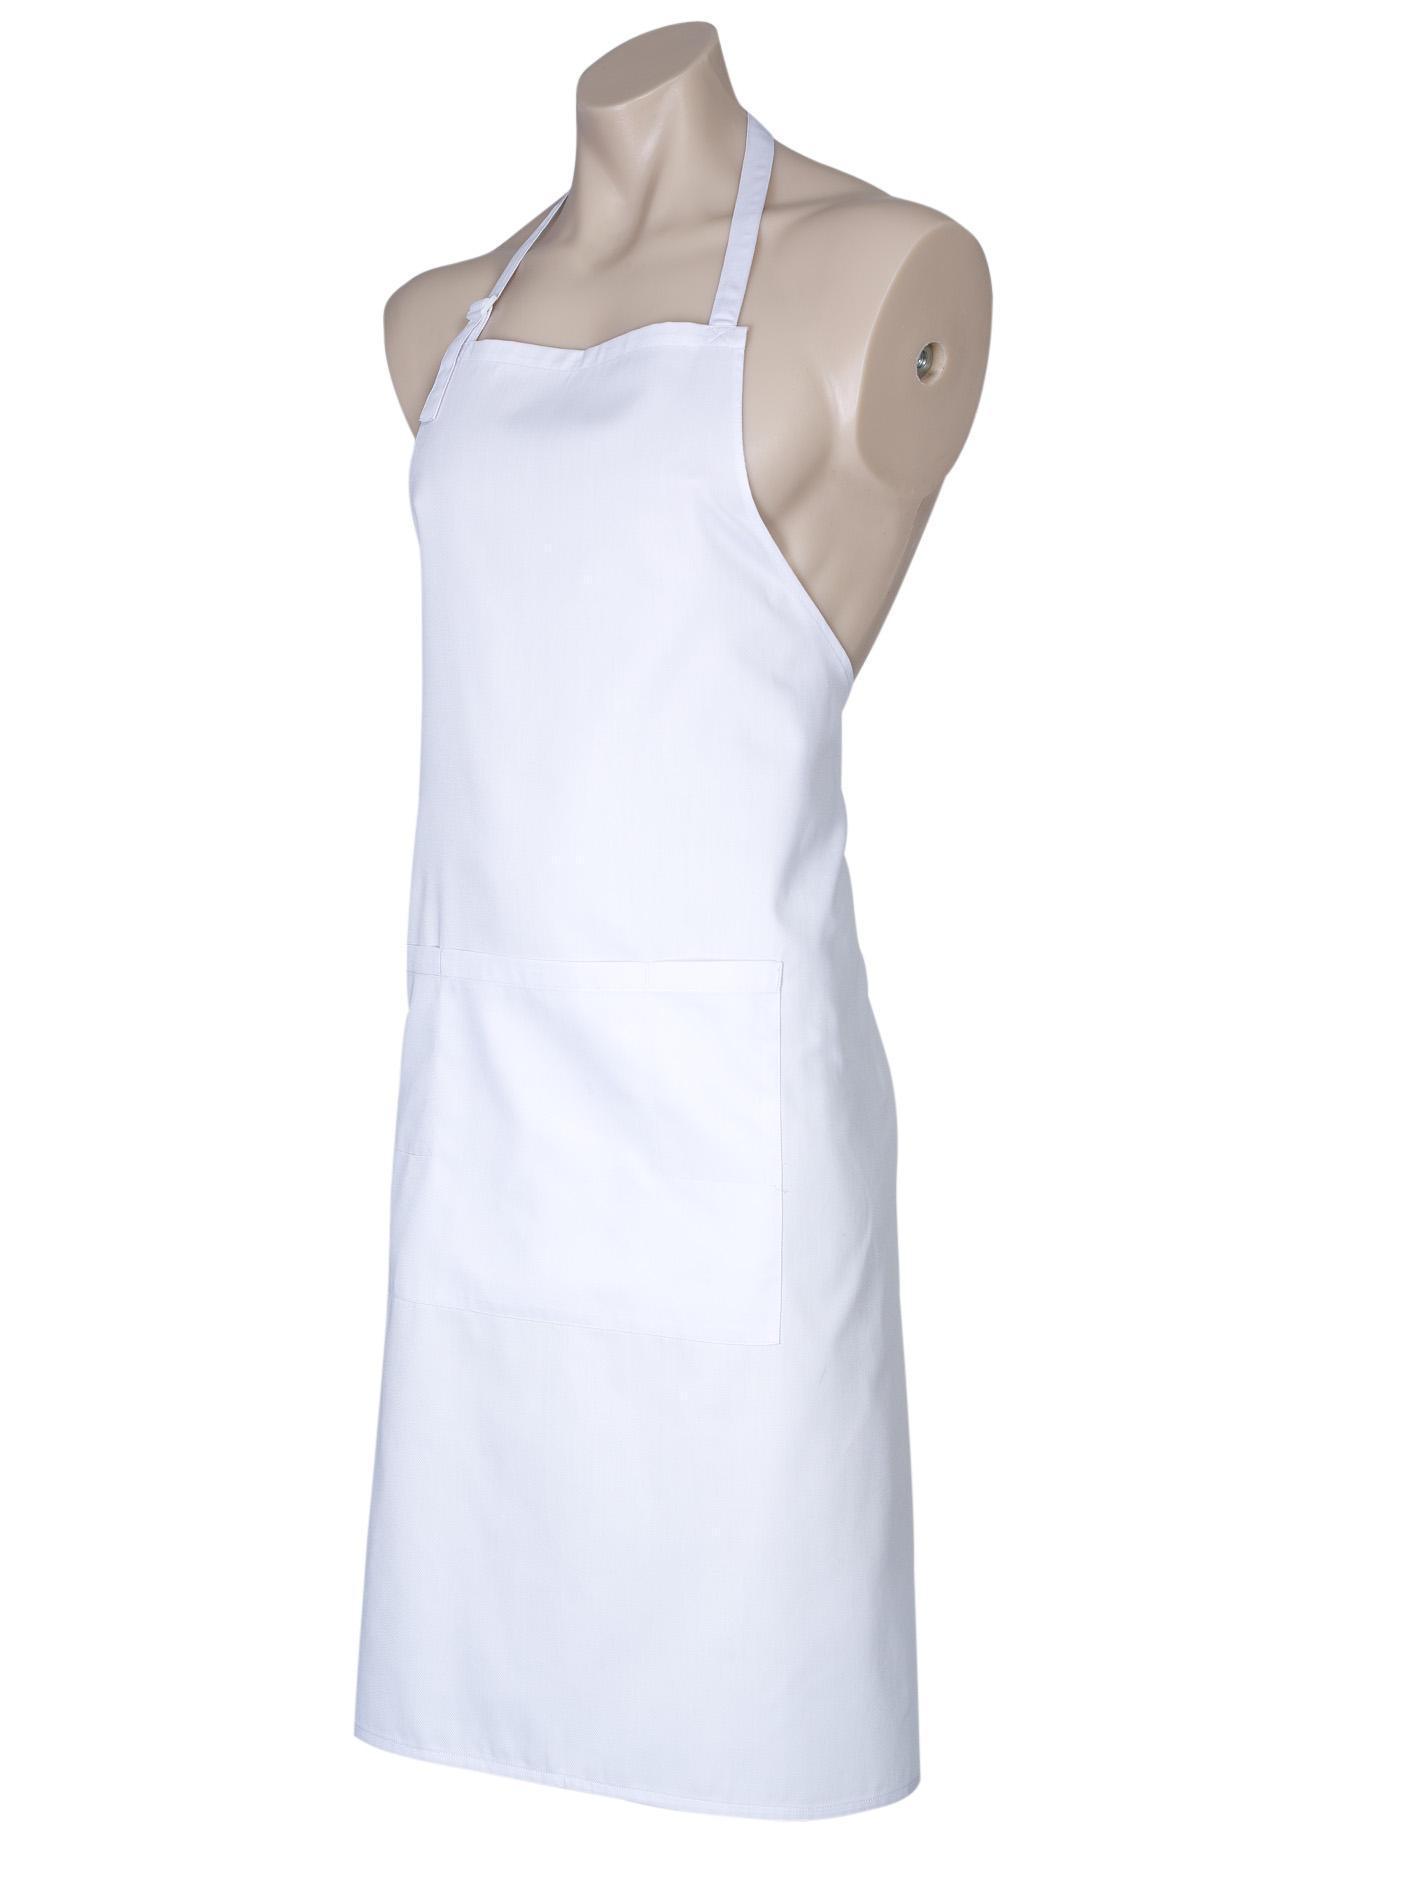 Buy white apron nz - White